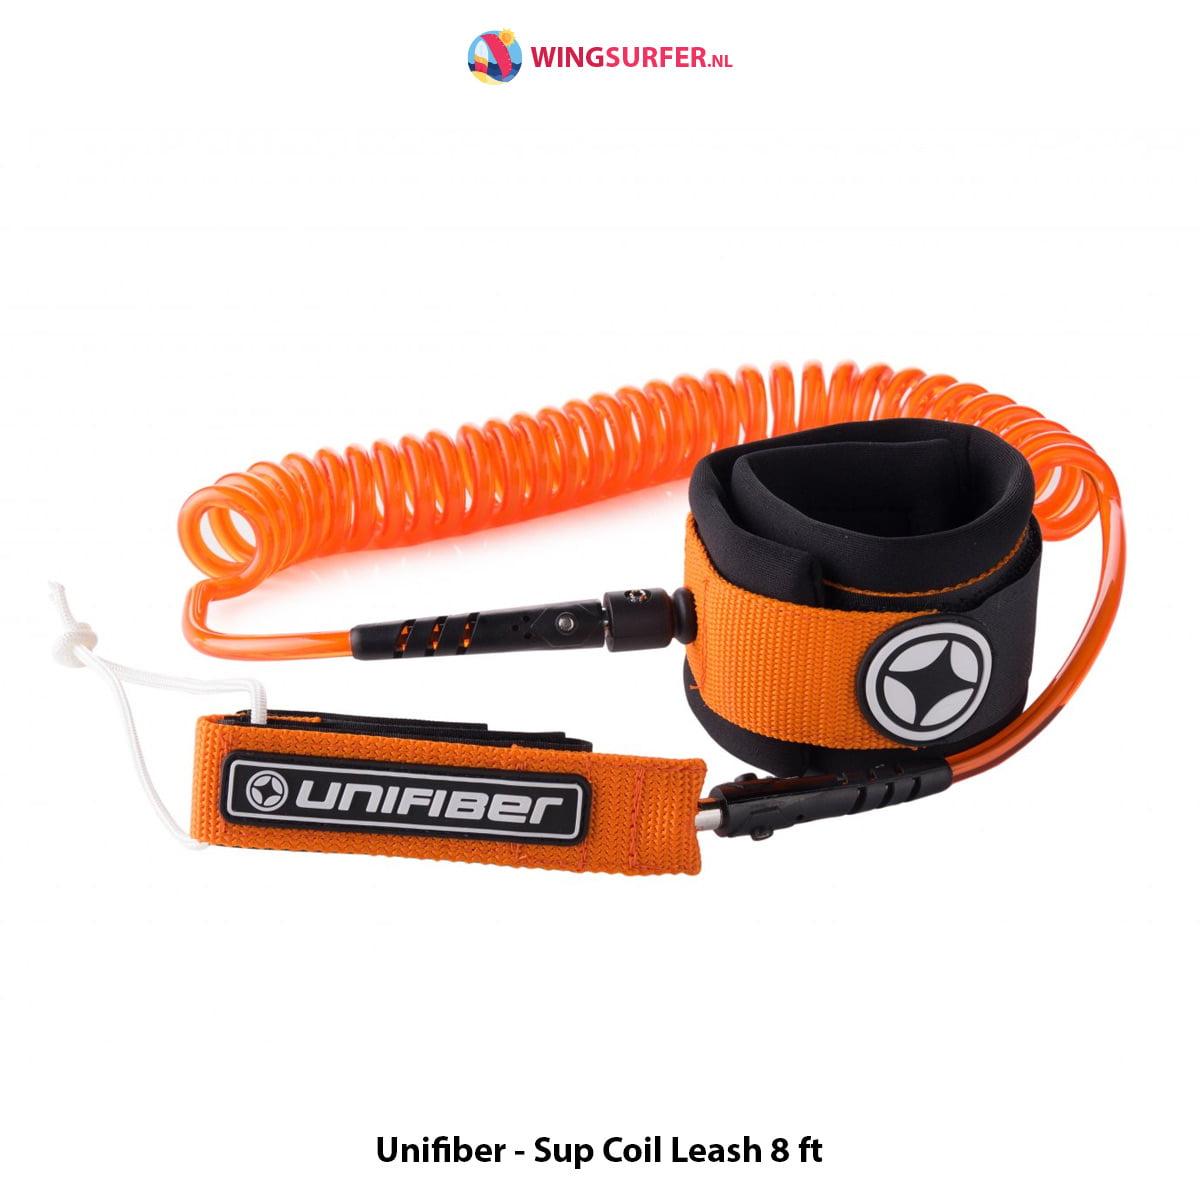 Unifiber - Sup Coil Leash 8 ft